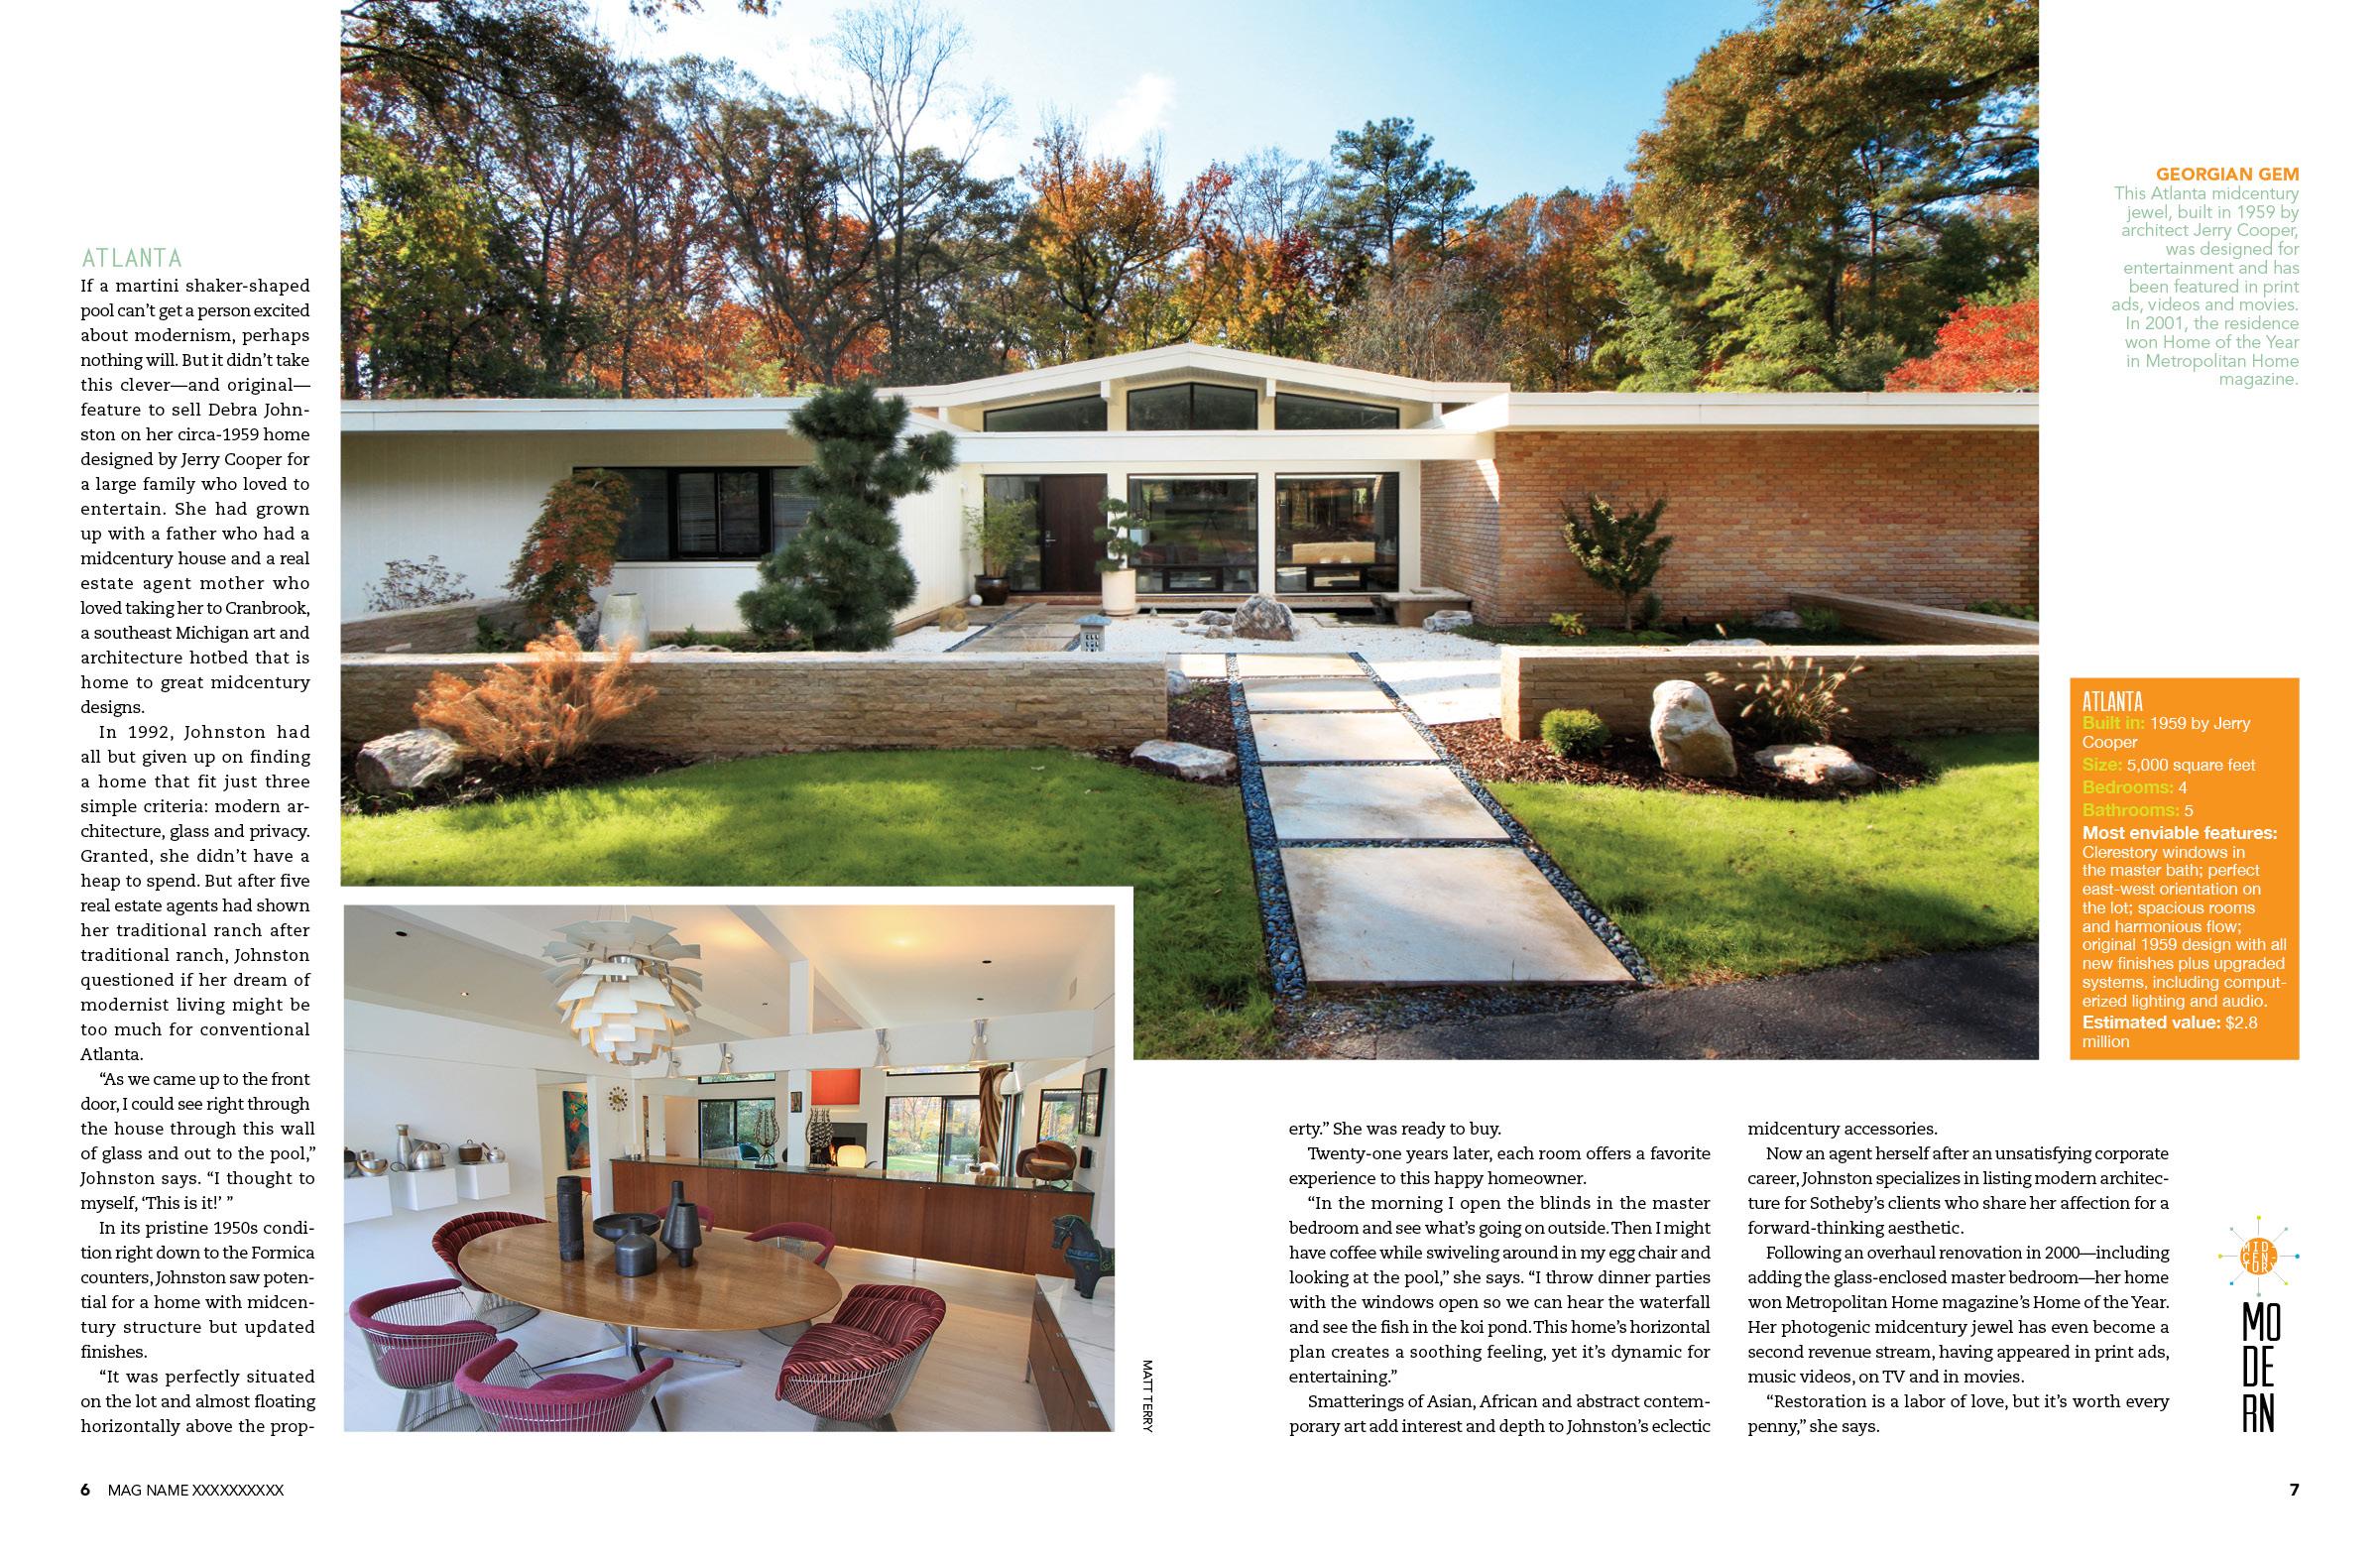 HOME13_Modernism3.jpg